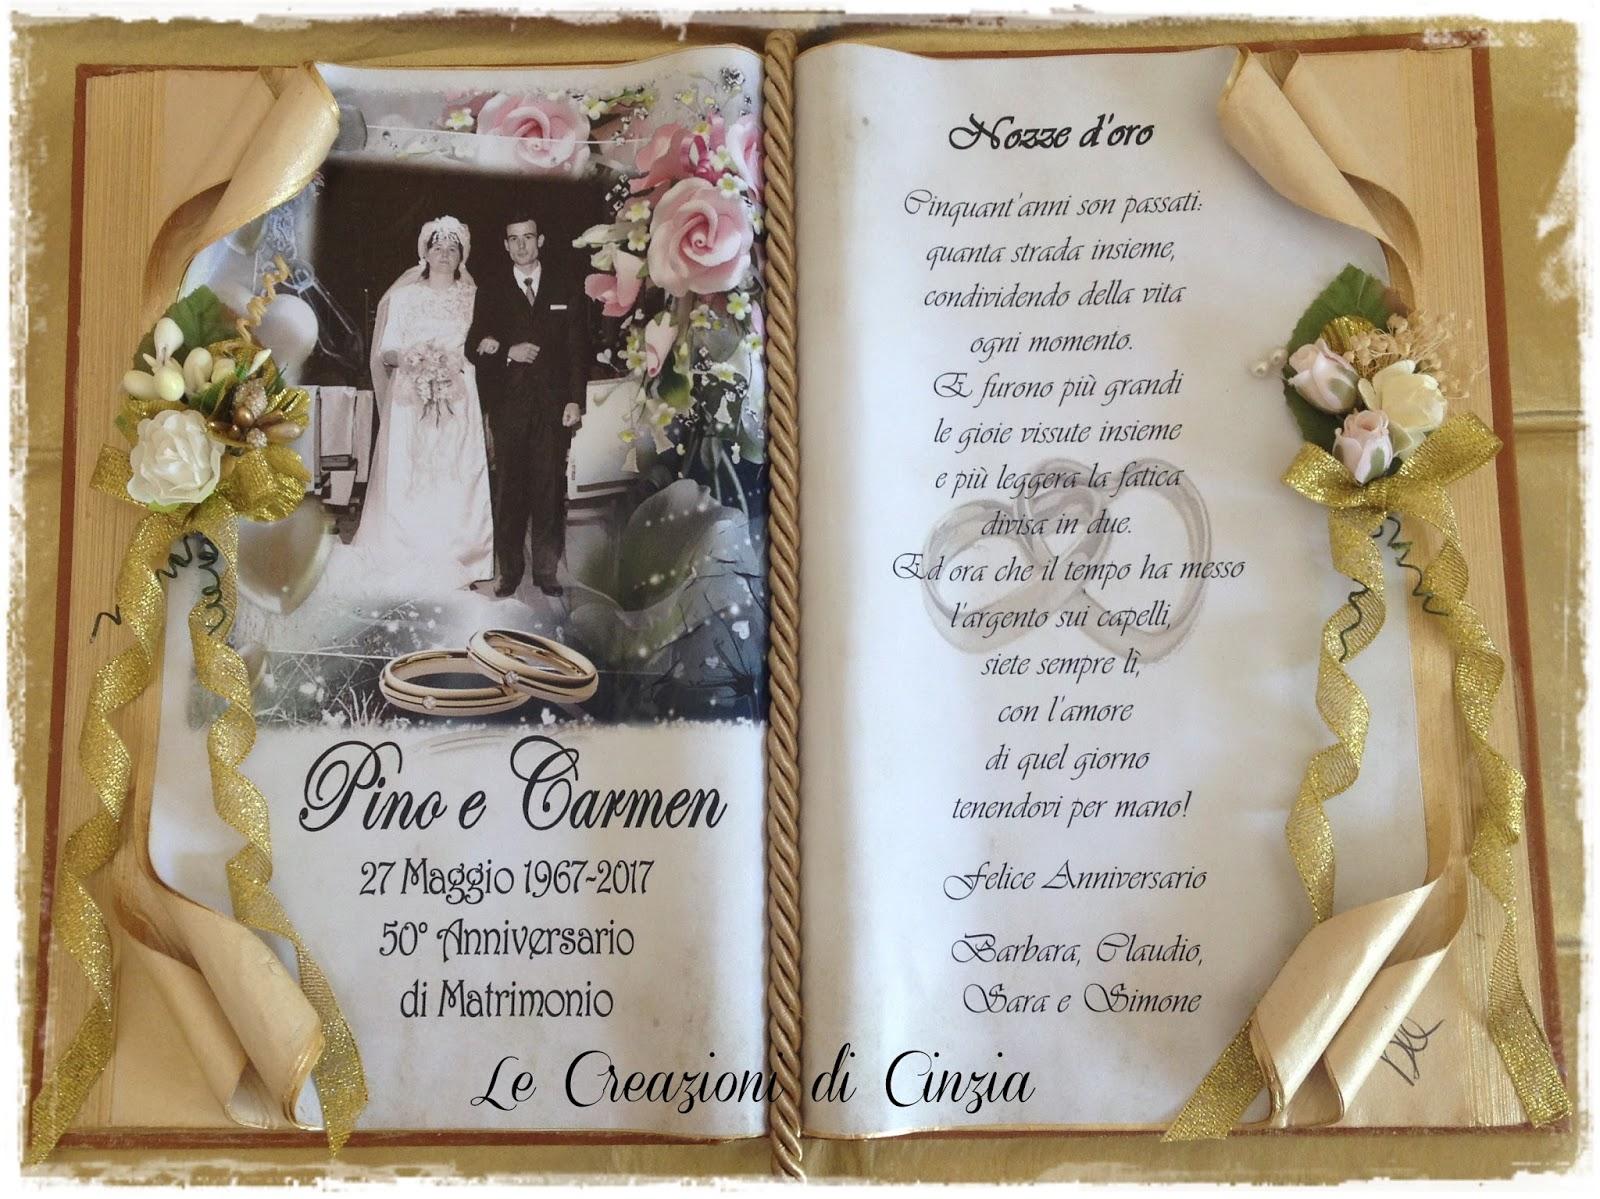 Inviti Anniversario Di Matrimonio Gratis.Immagini Anniversario Matrimonio Gratis